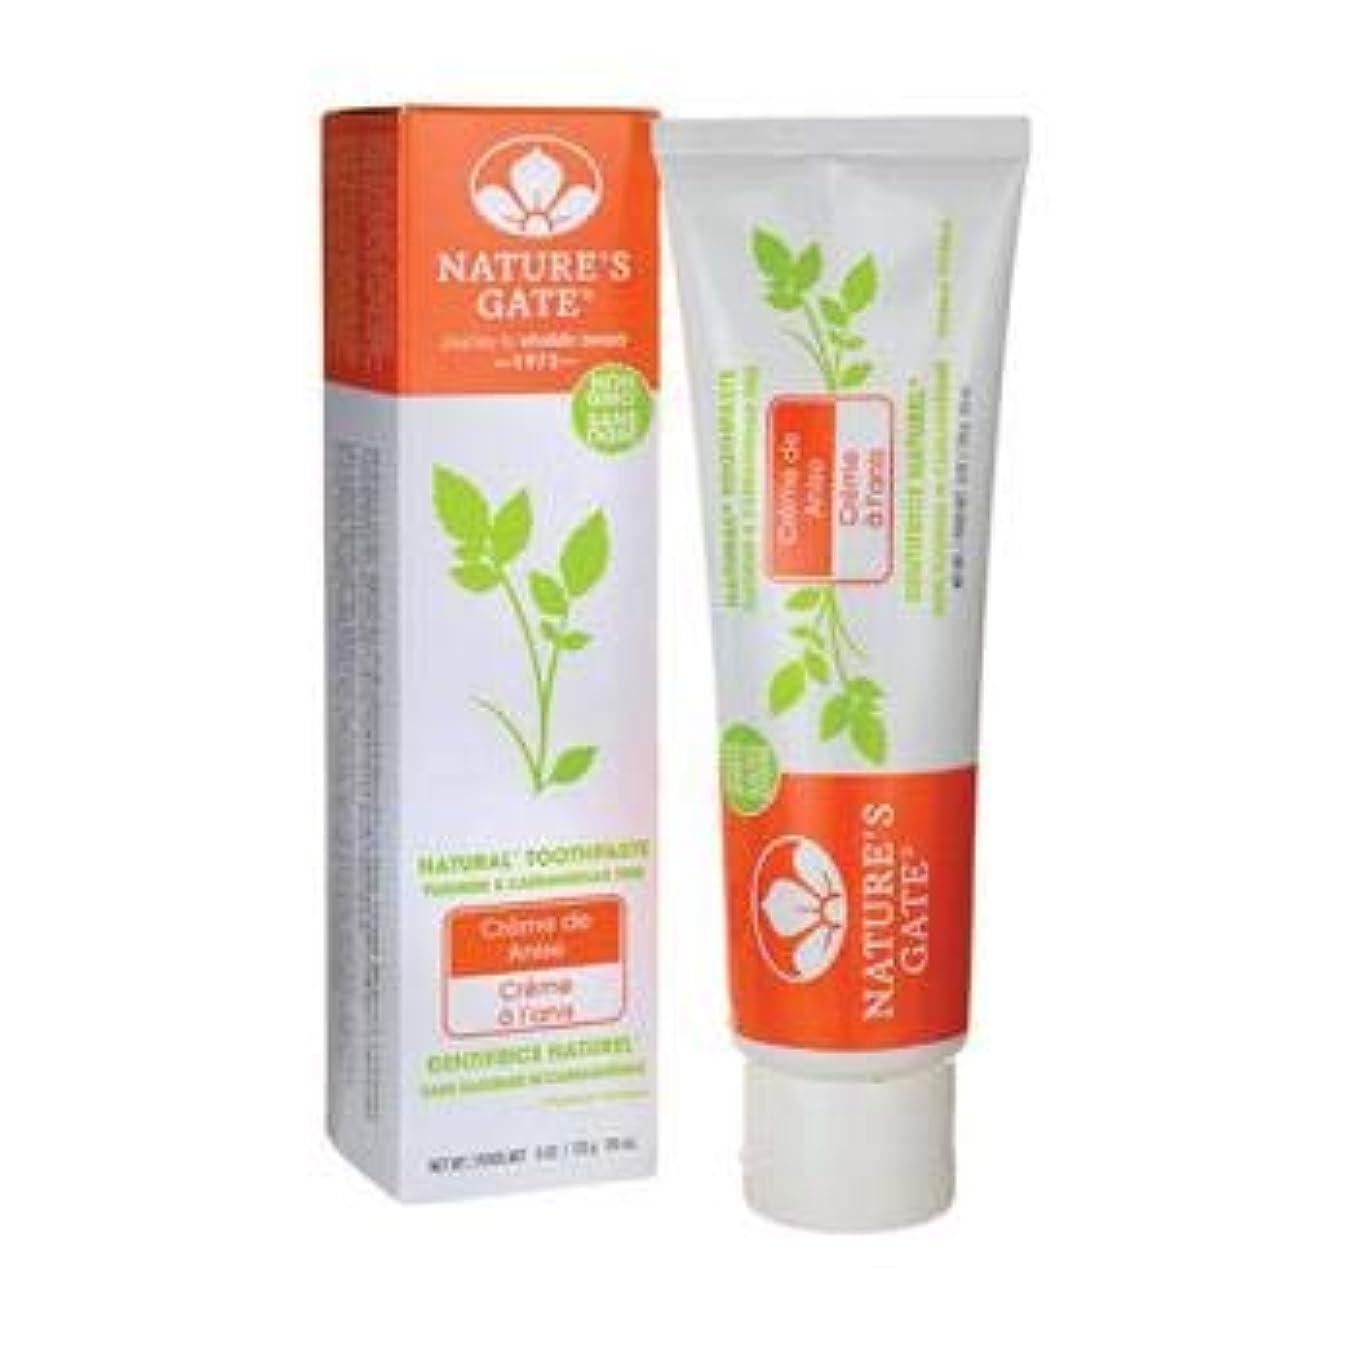 エコーシェフいう海外直送品Toothpaste Creme De, Anise 6 Oz by Nature's Gate